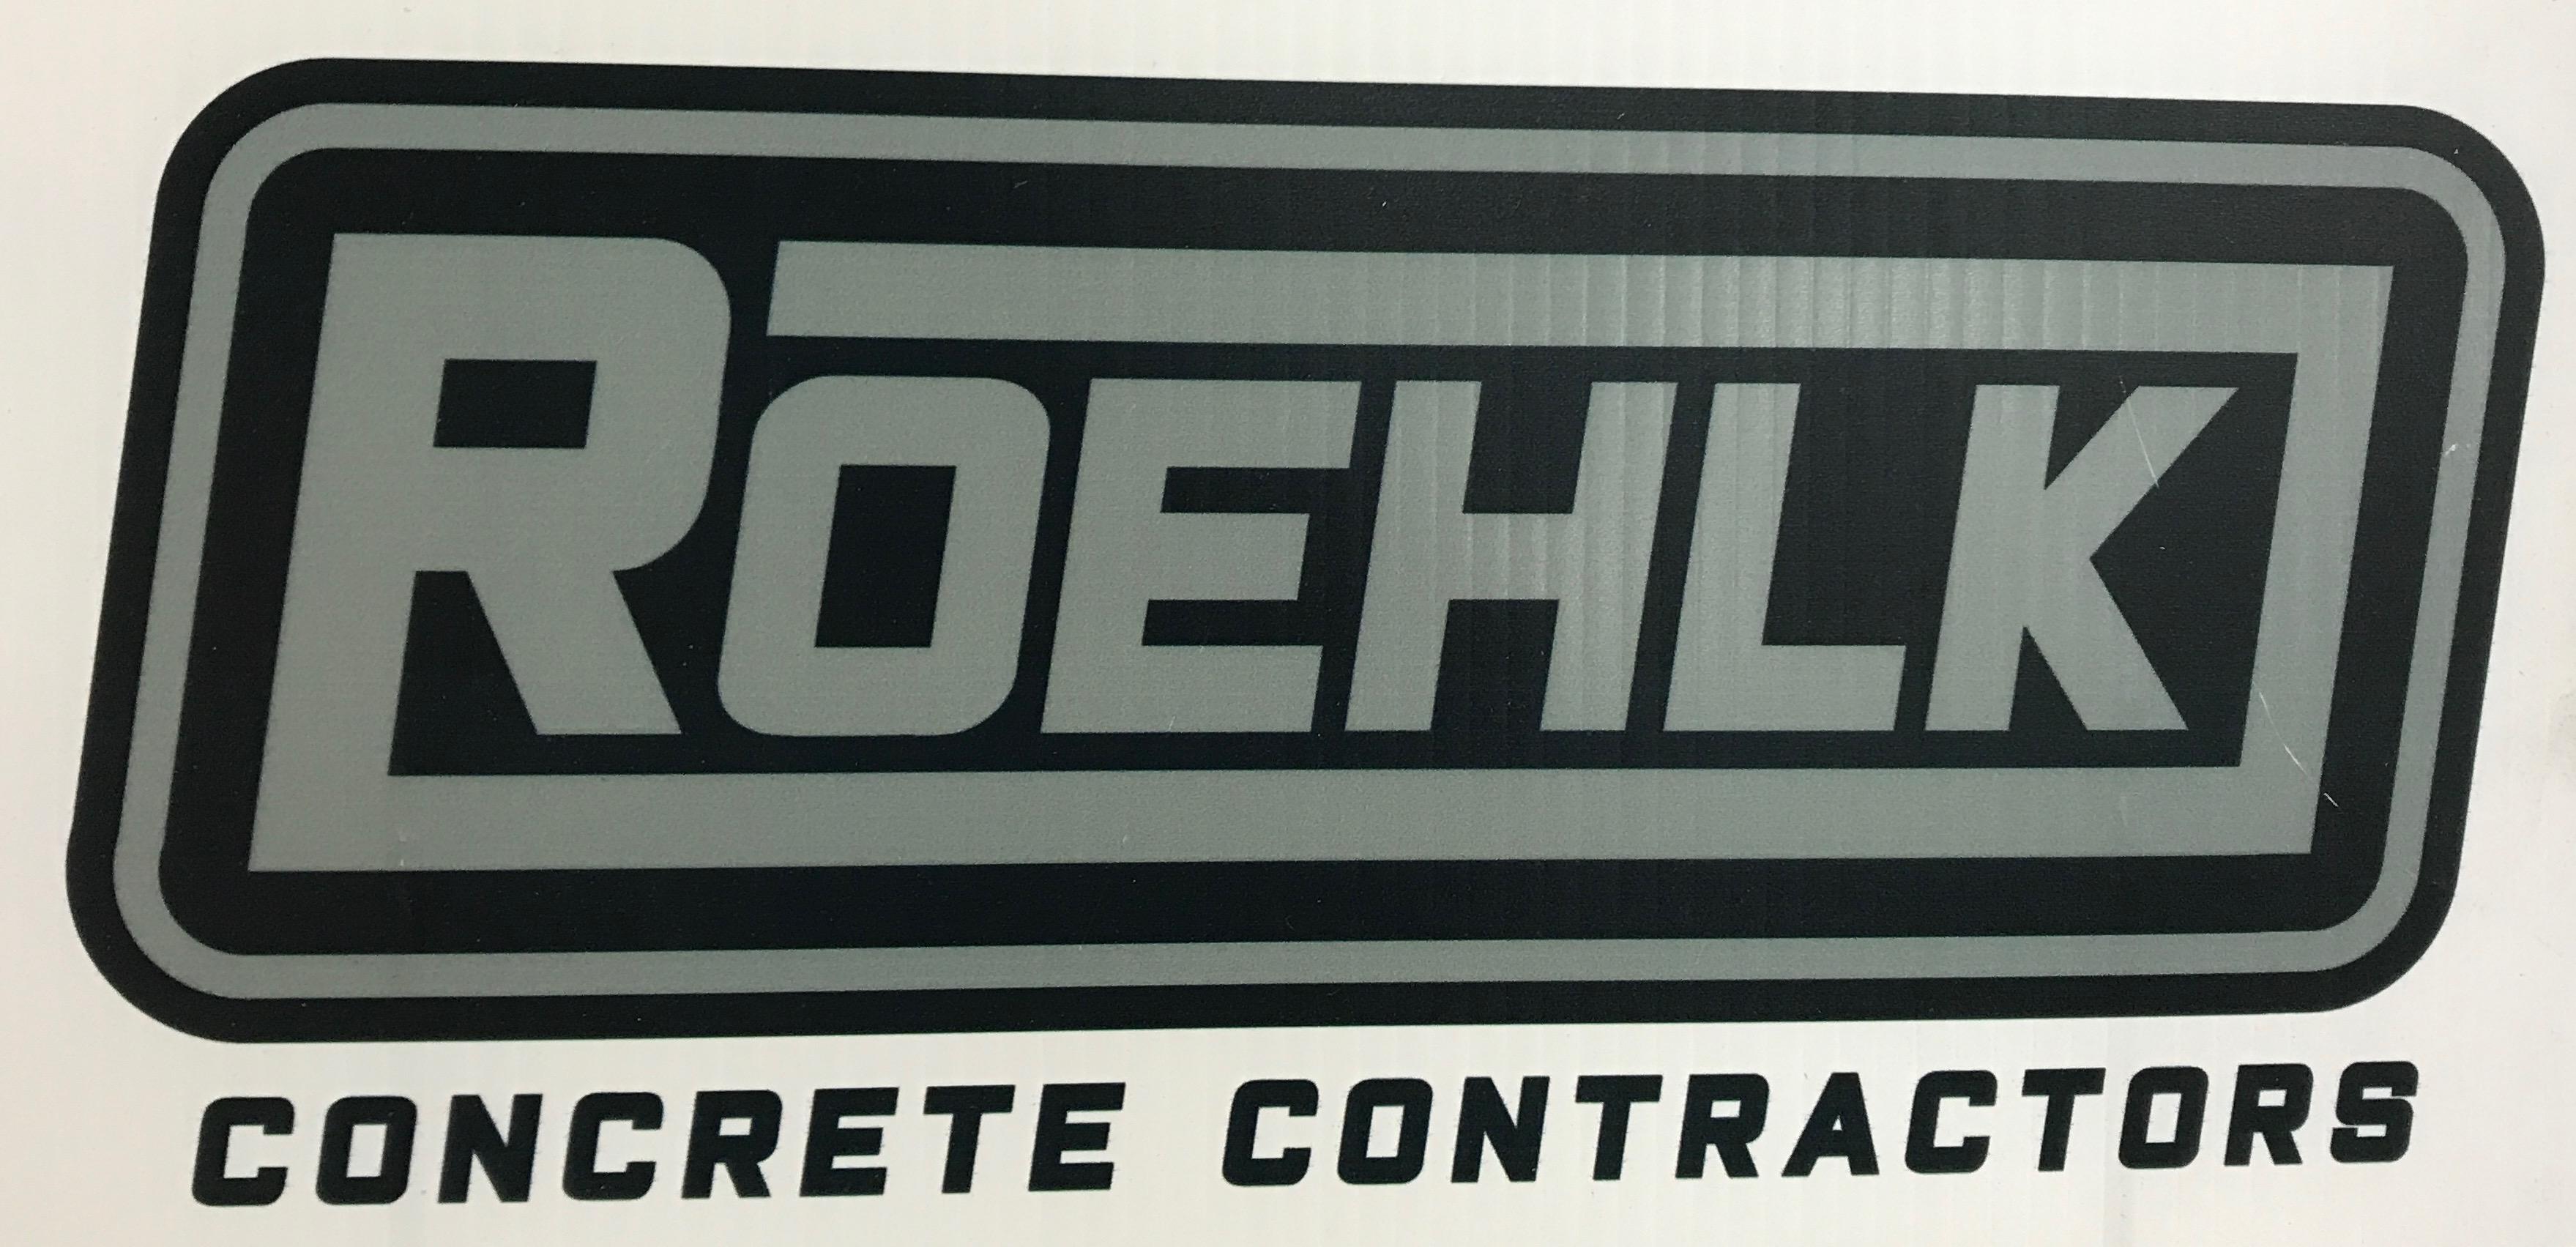 Roehlk Concrete